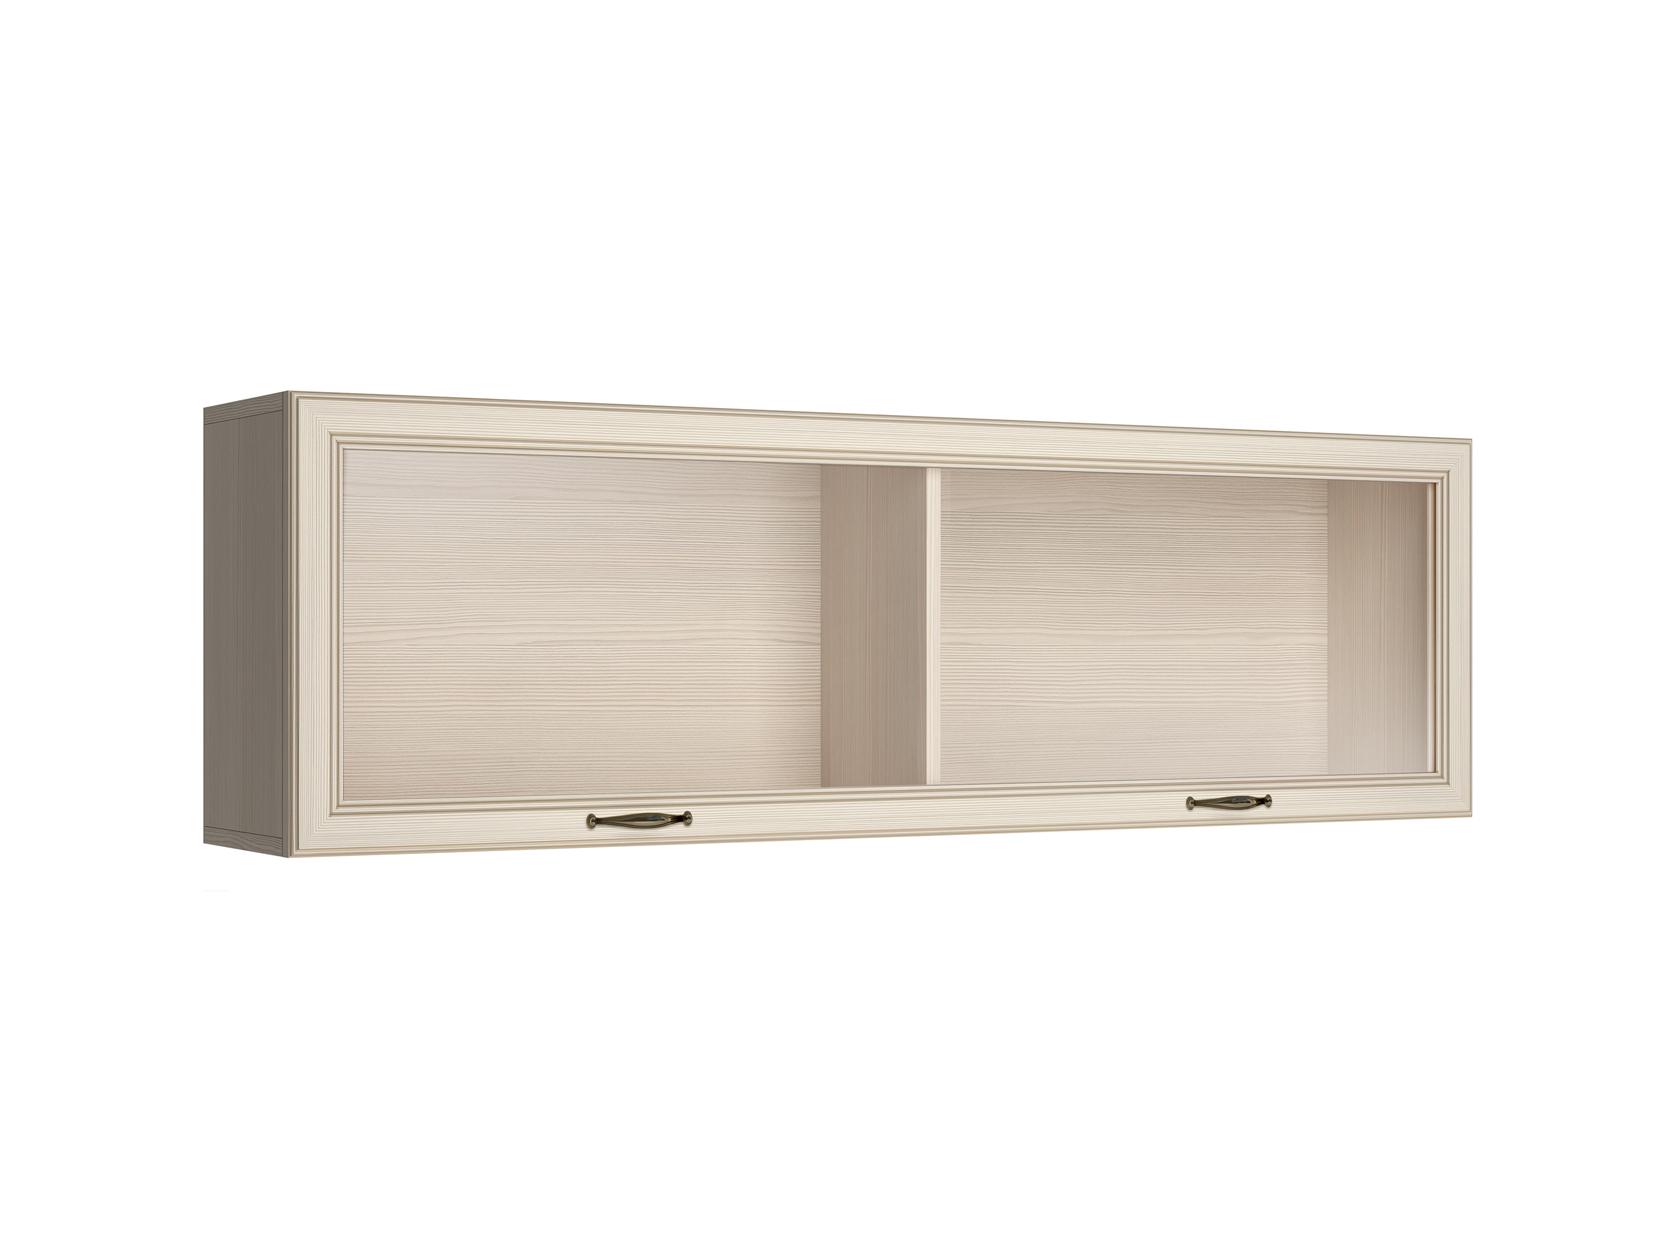 Навесной шкаф 108-83736